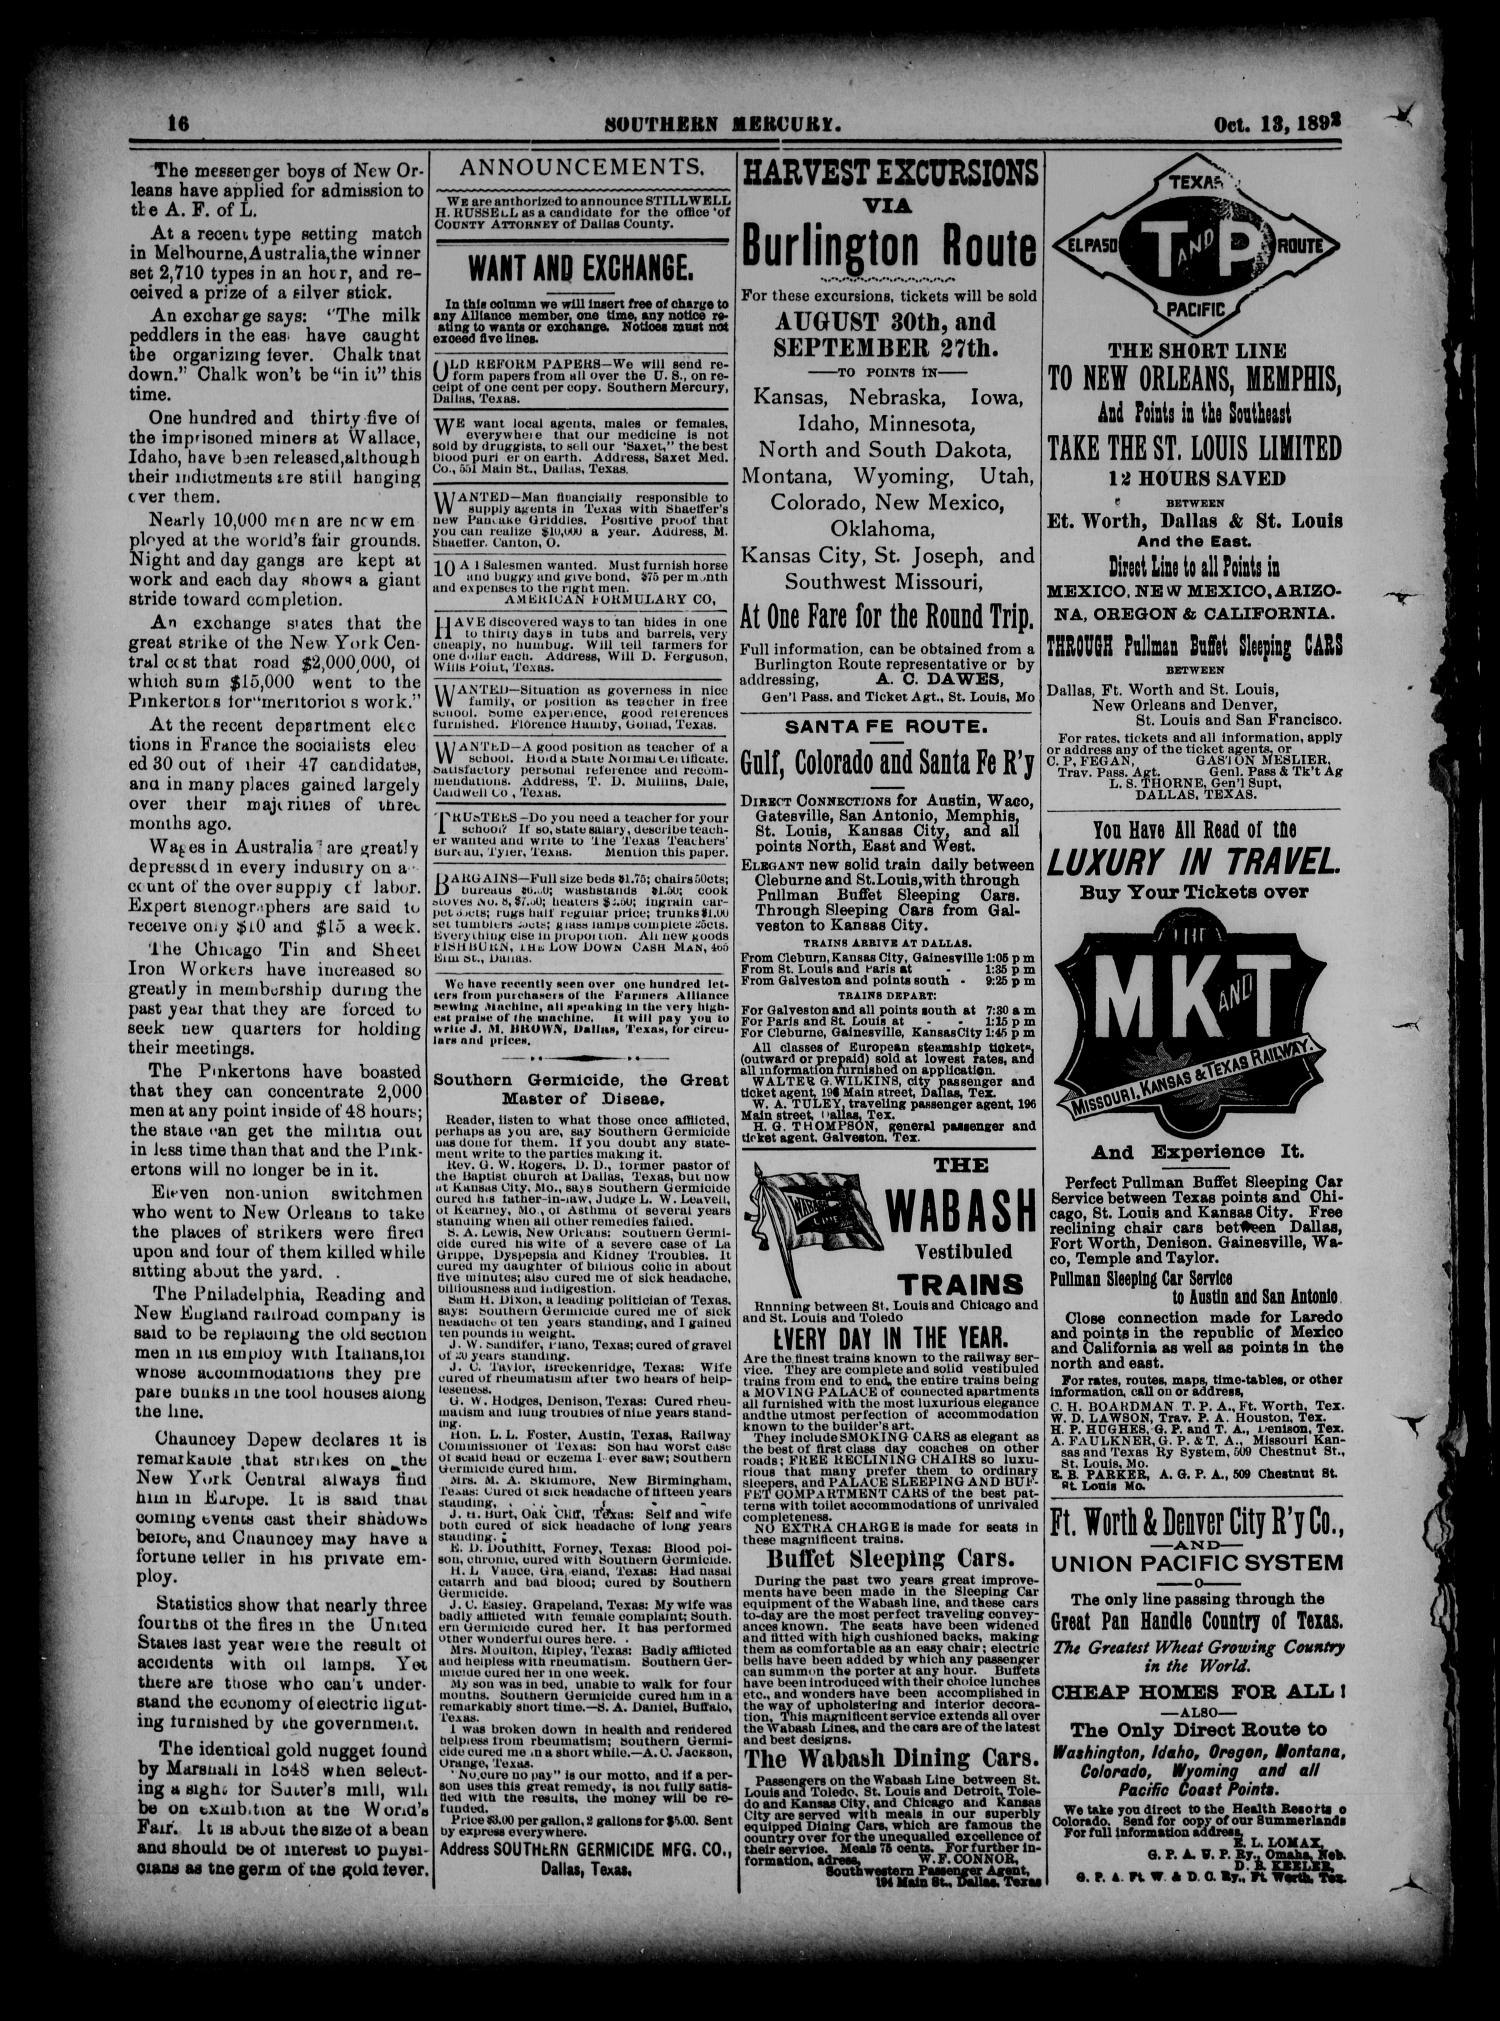 The Southern Mercury  (Dallas, Tex ), Vol  11, No  41, Ed  1